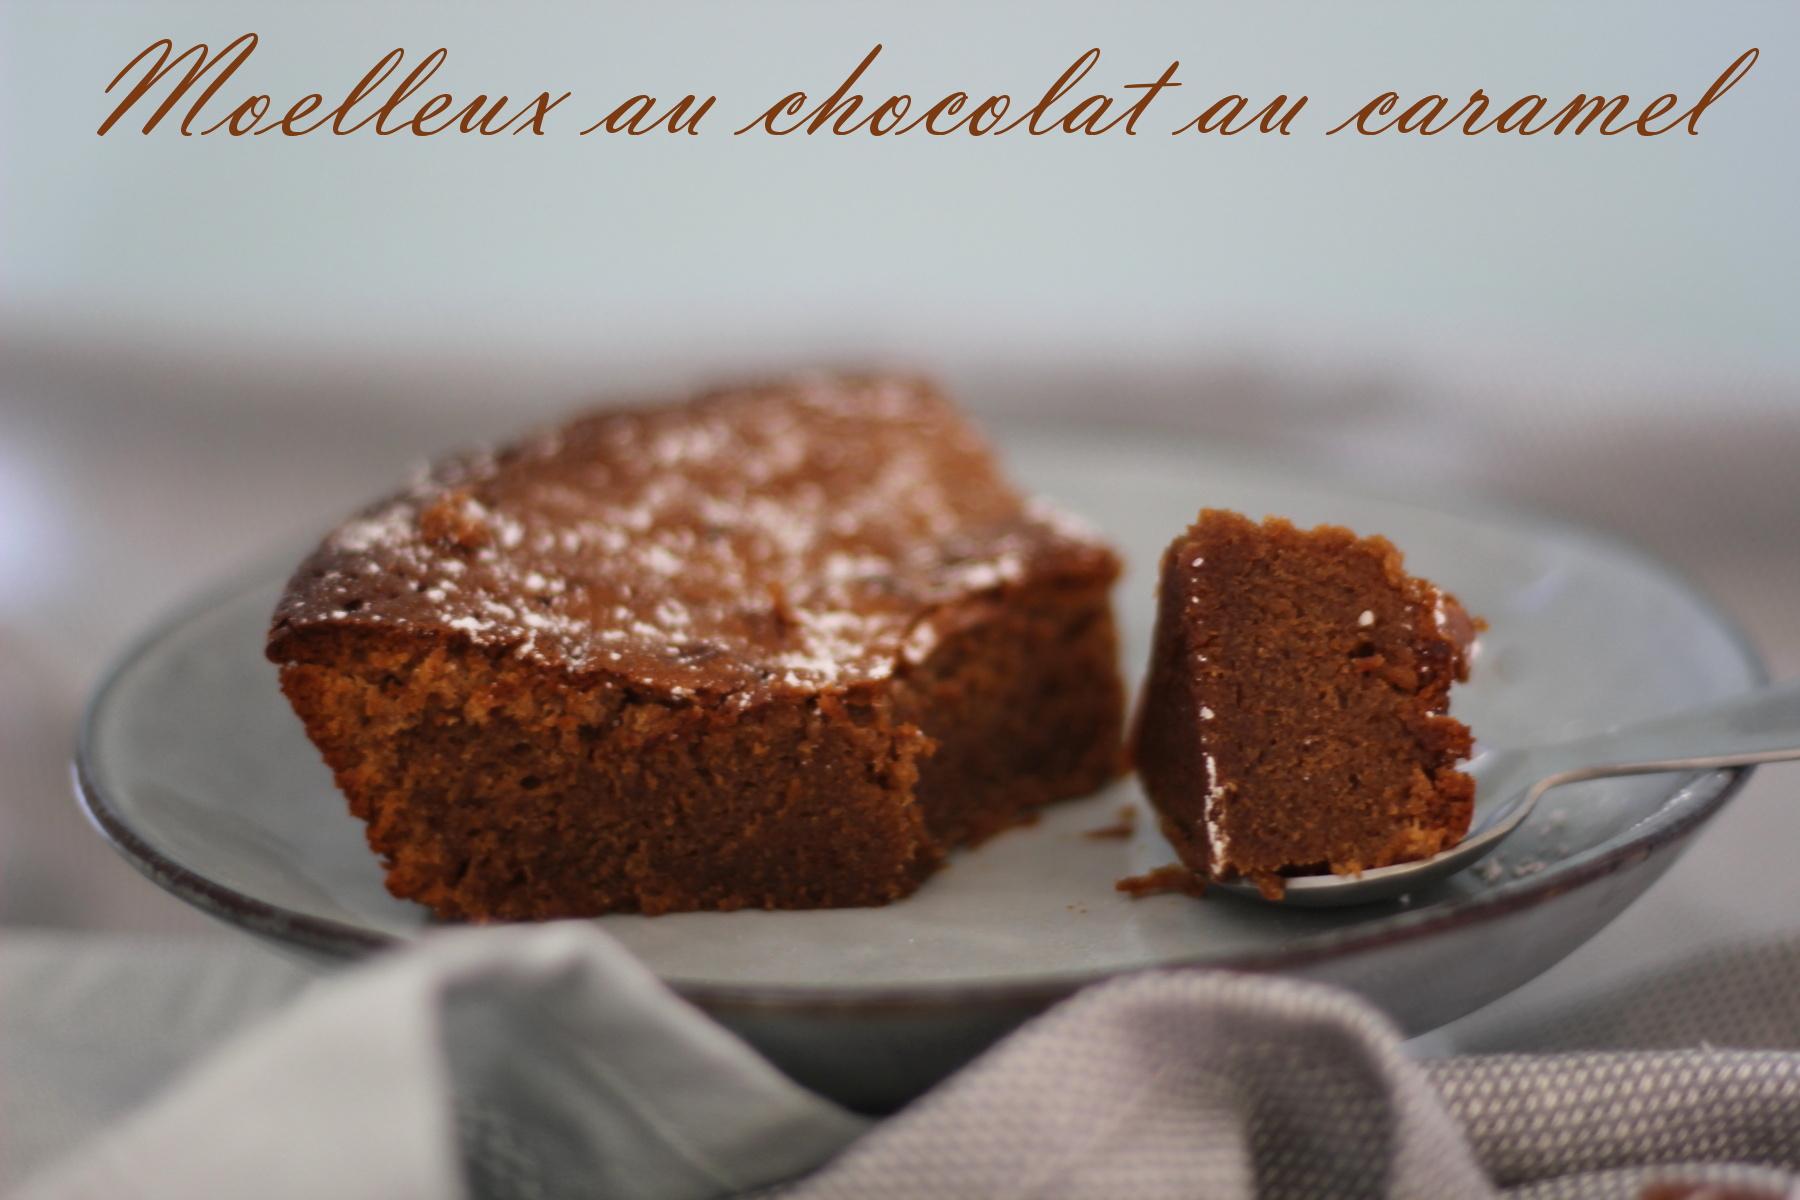 moelleux au chocolat au caramel